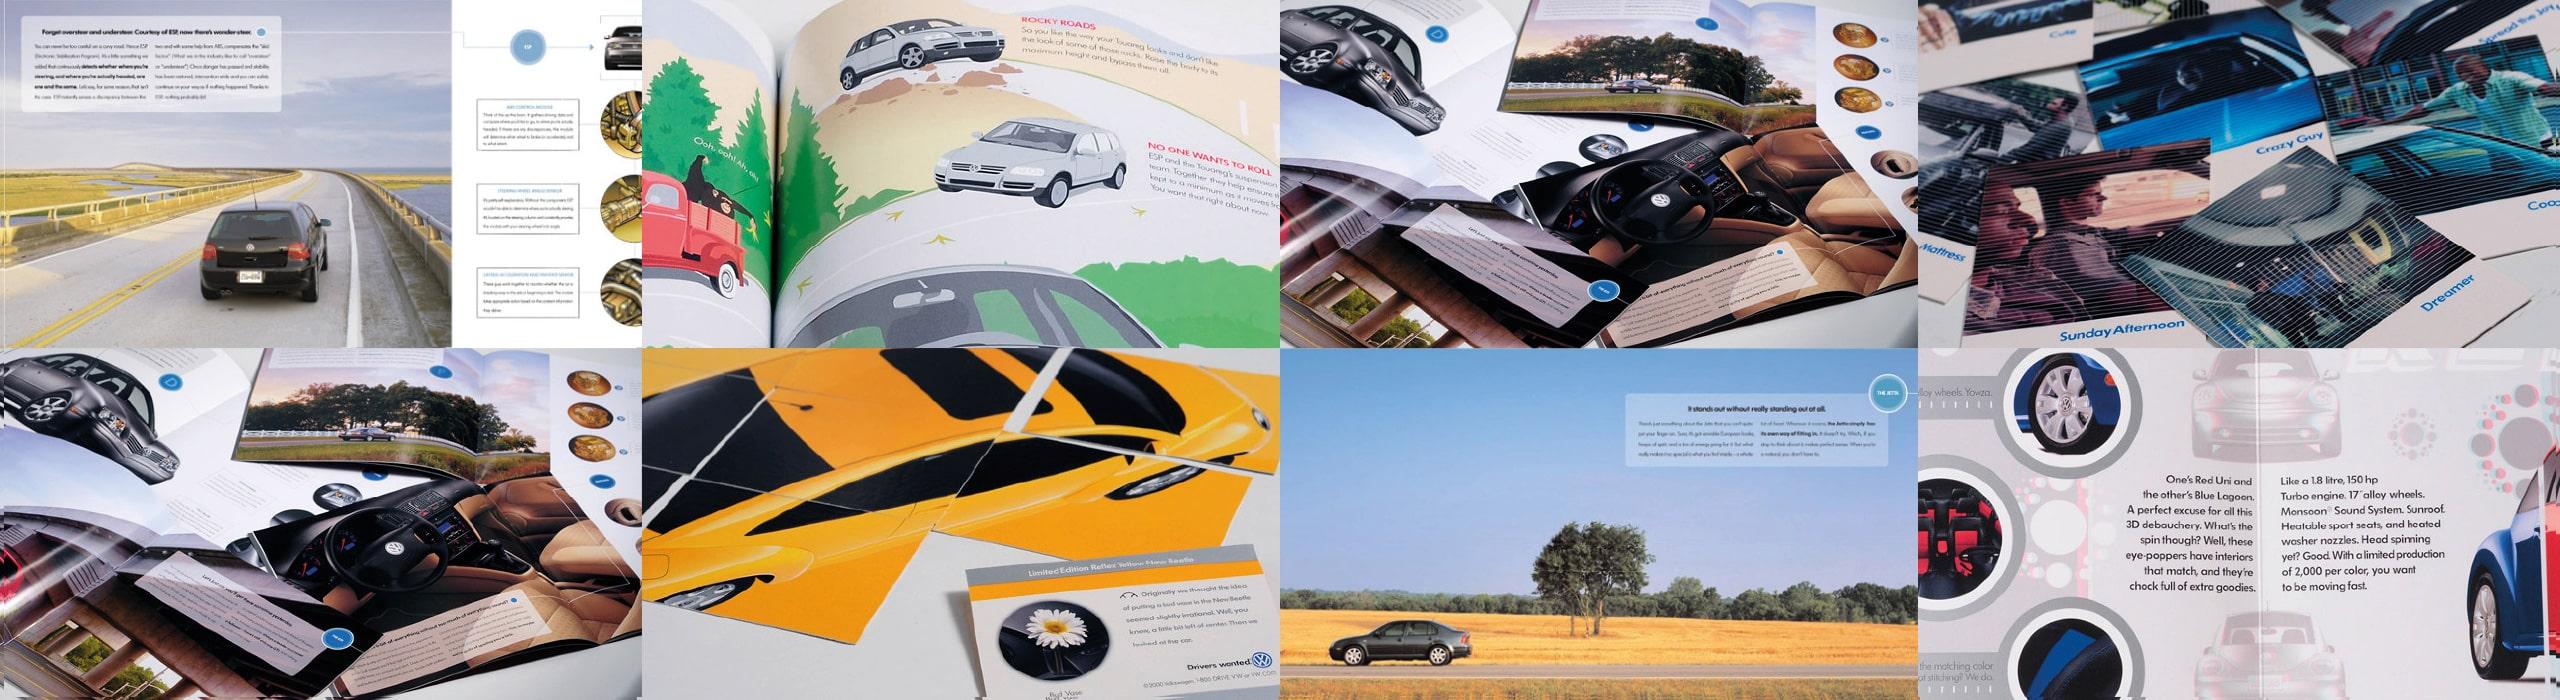 Volkswagen - natie-volkswagen-writing-02 - Natie Branding Agency